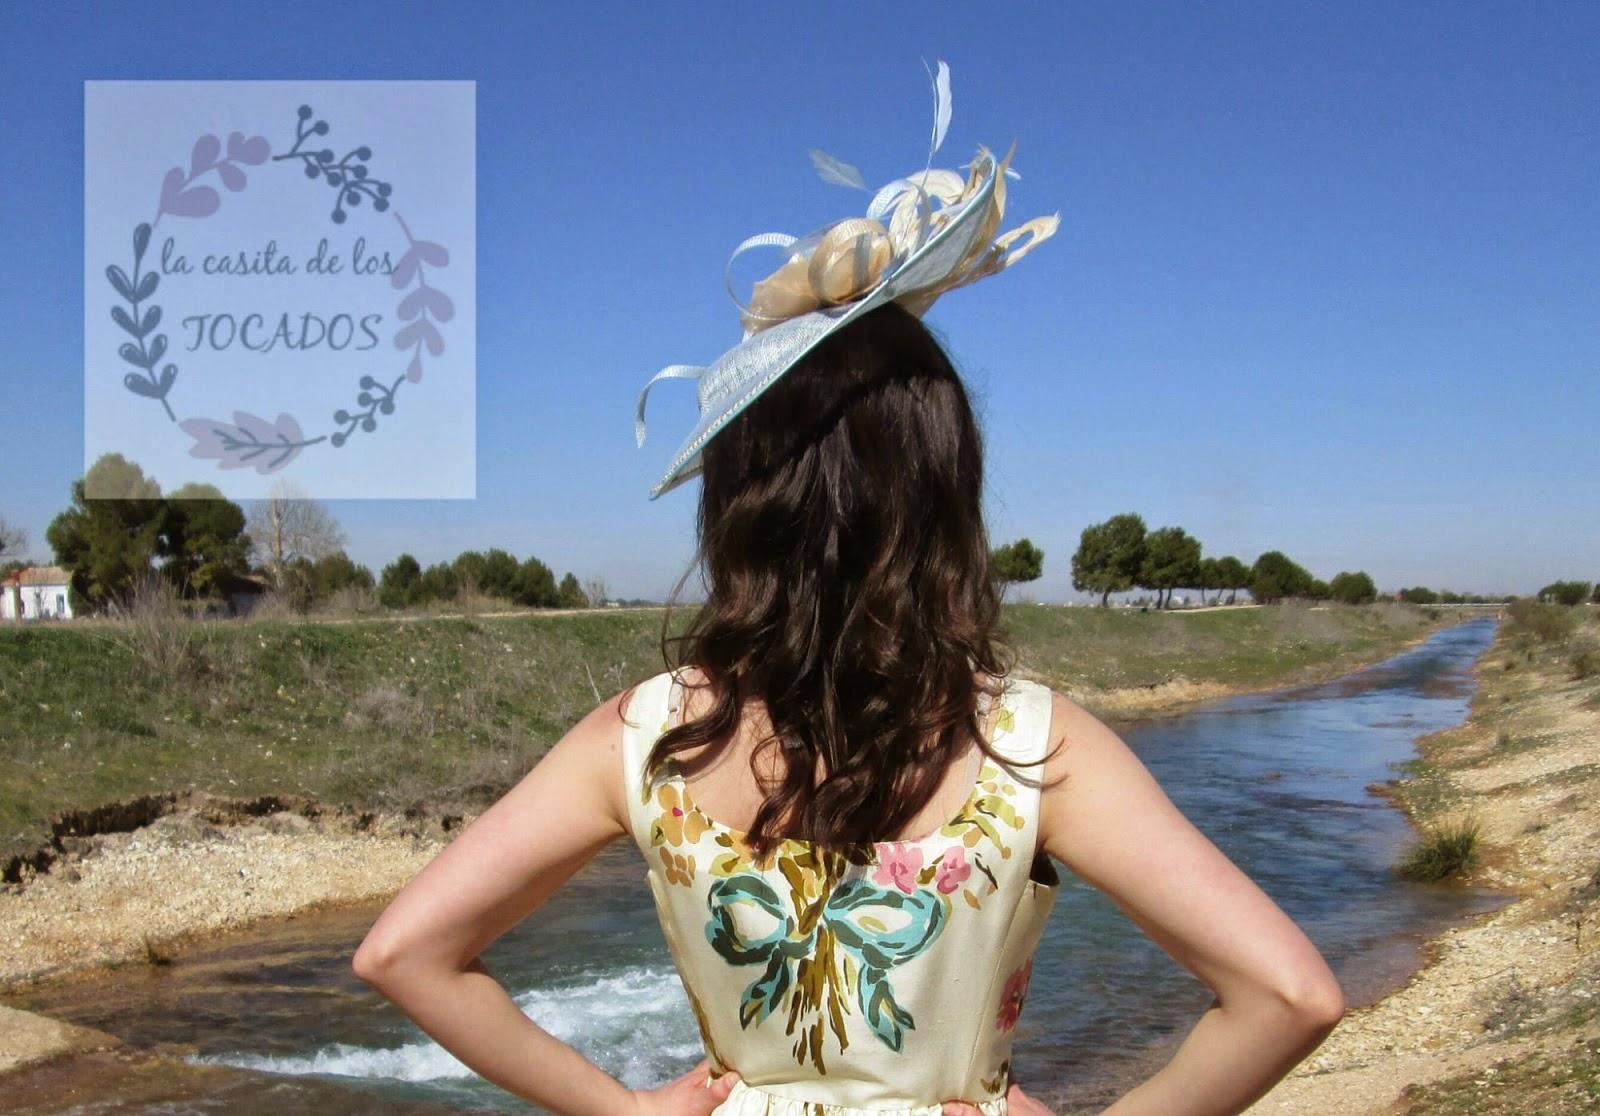 Pamela Atlanta color azul celeste y beige combinada con vestido estampado.